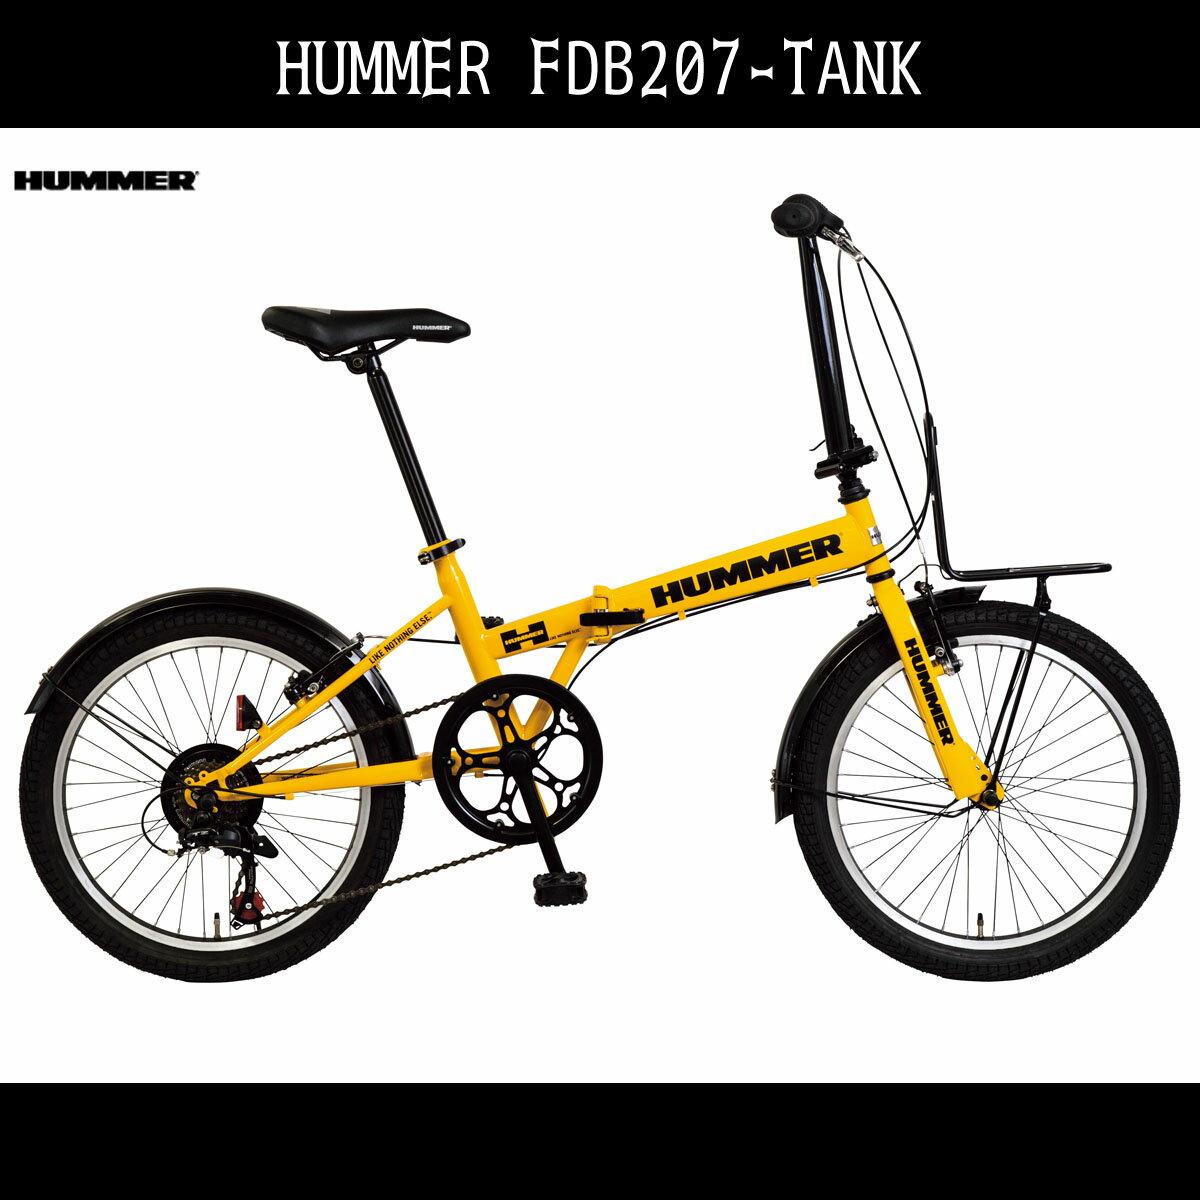 <関東限定特別価格>TANK FDB207 折りたたみ自転車 ハマー 外装7段変速ギア 折りたたみ自転車 20インチ 黄色 イエロー 自転車 HUMMER ハマー 折りたたみ自転車 送料無料 激安 おしゃれ